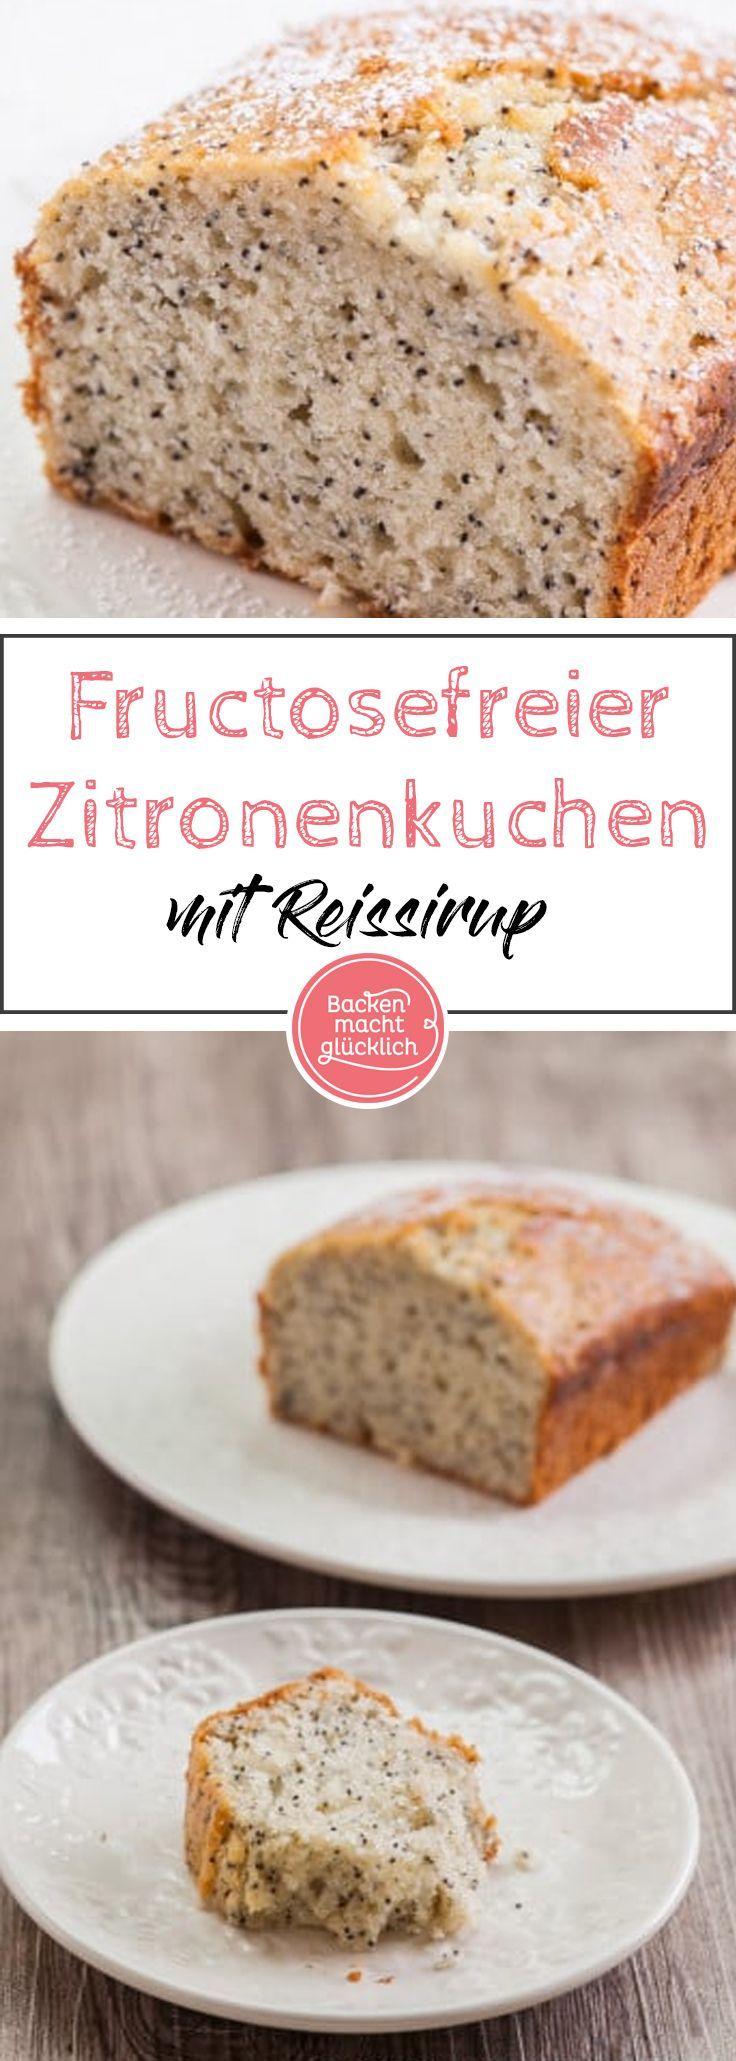 Rhabarberkuchen Mehlfrei Milchfrei Und Sehr Fructosearm Rezept Rhabarberkuchen Rezepte Rhabarber